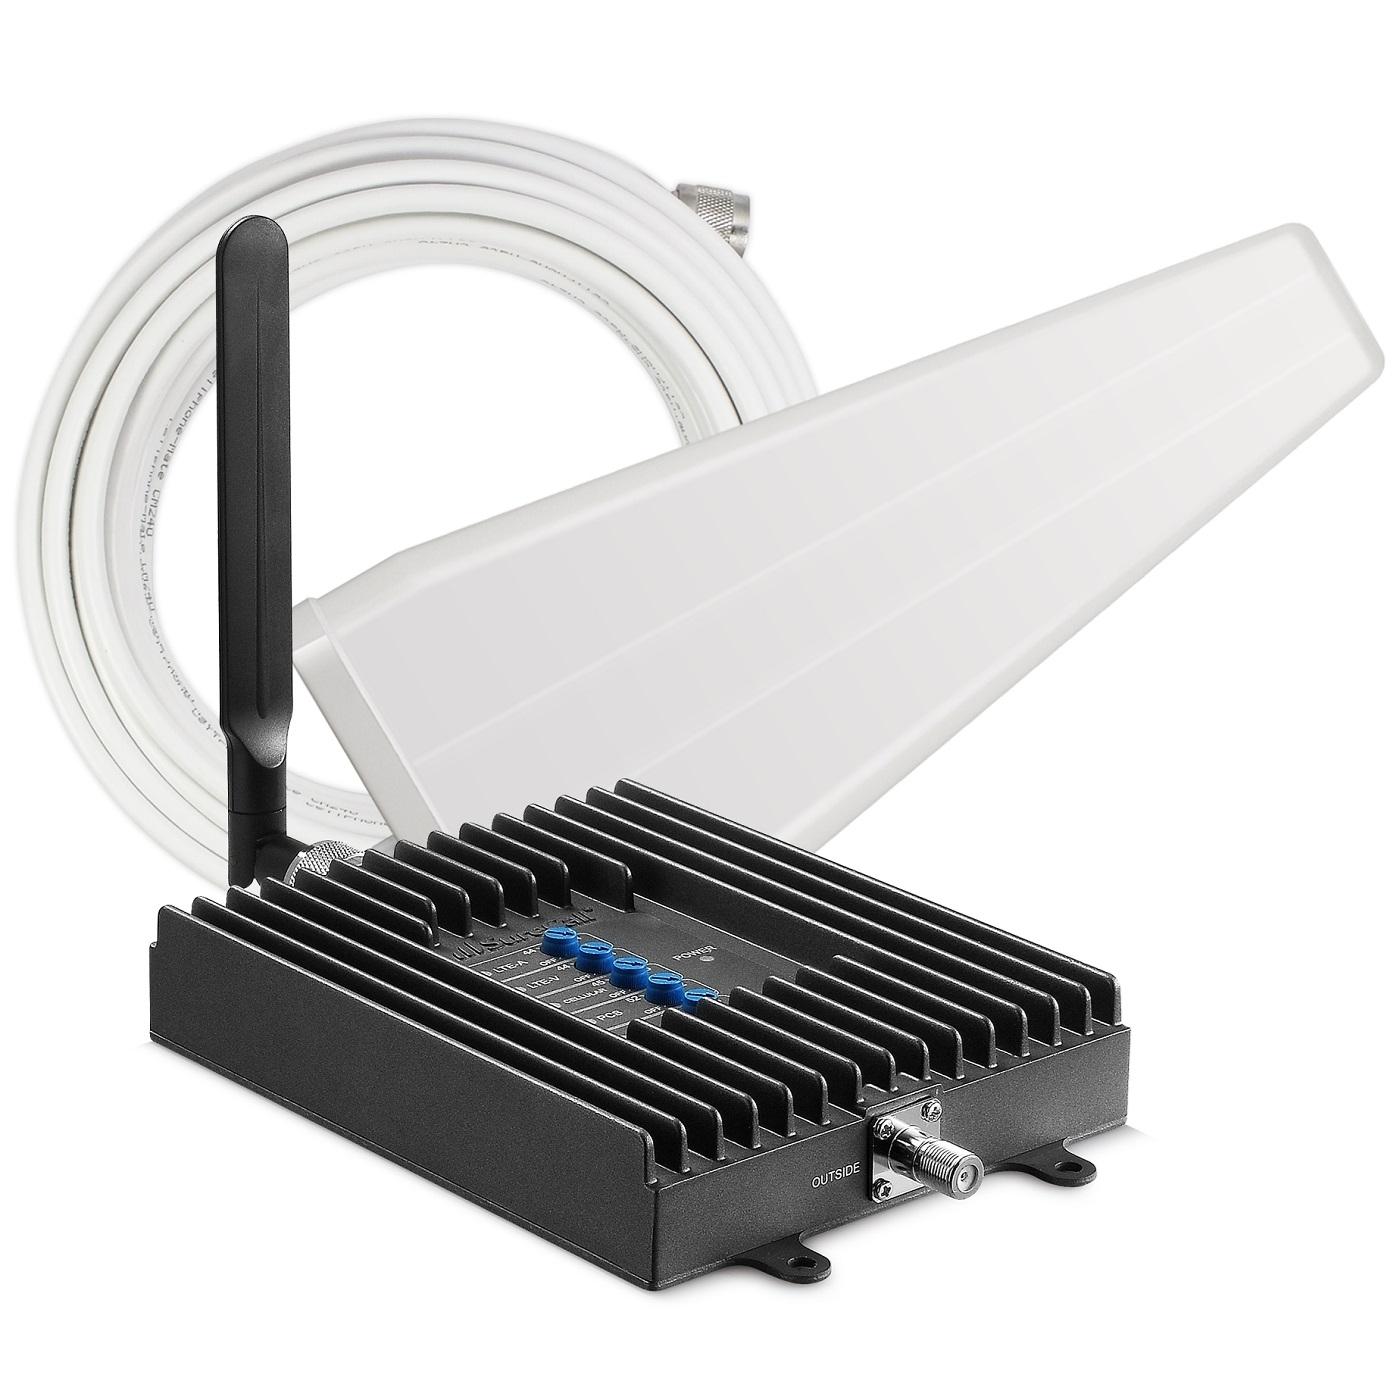 Amplificateur de signal cellulaire centre d 39 achats en for Amplificateur de signal cellulaire maison